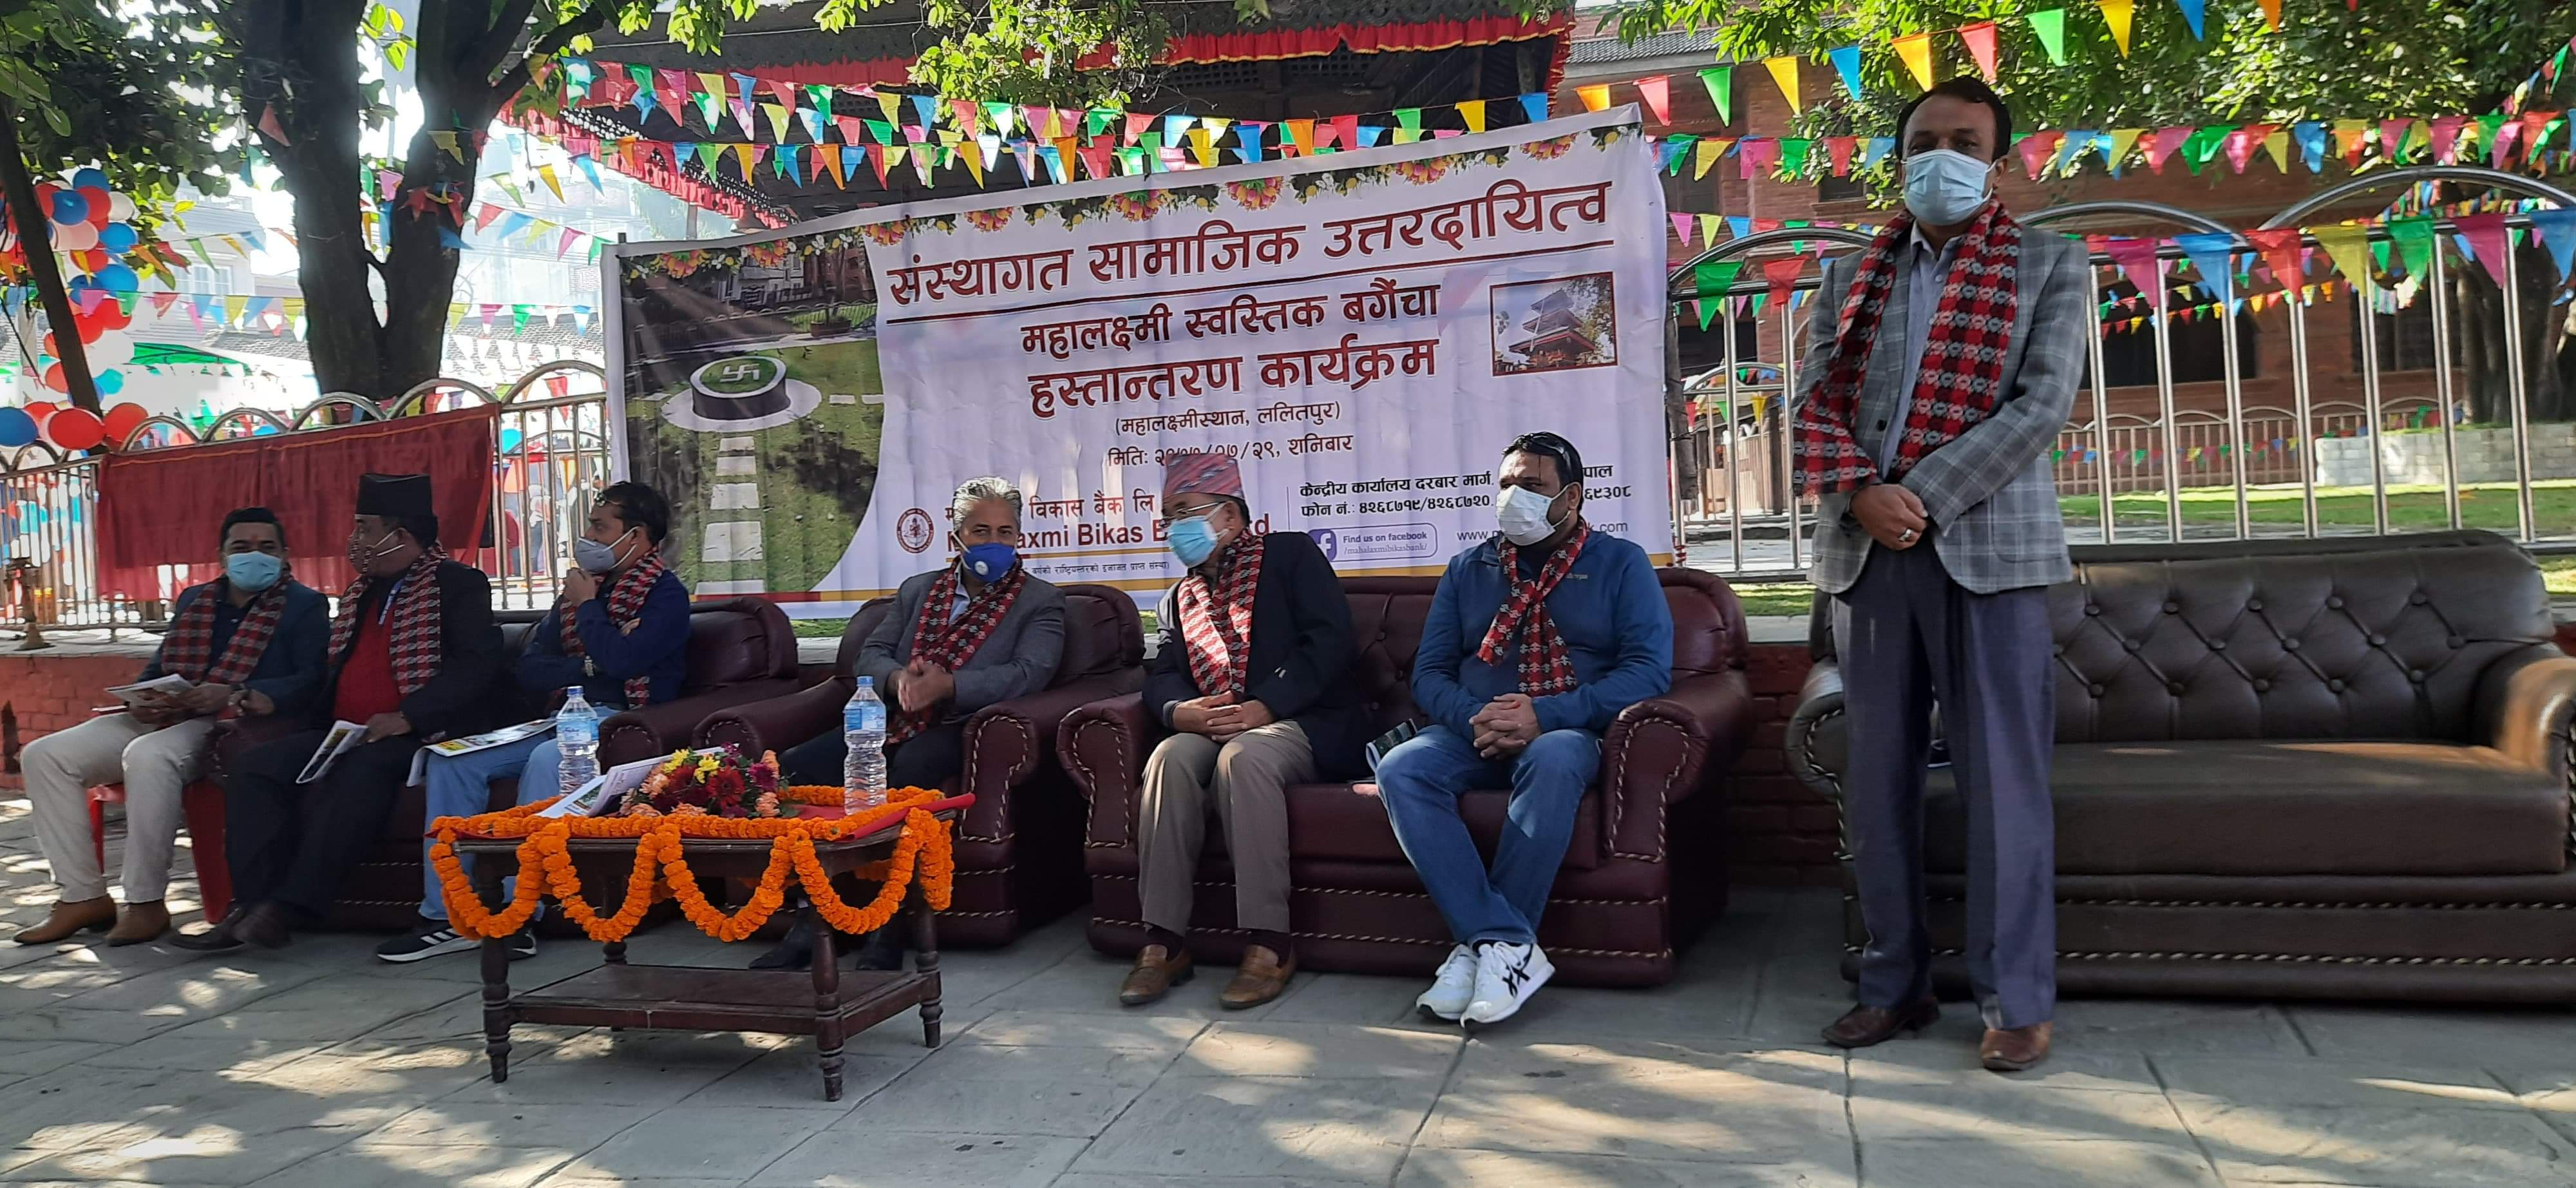 ललितपुर महानगरको महालक्ष्मी मन्दिरमा बगैंचा निर्माण